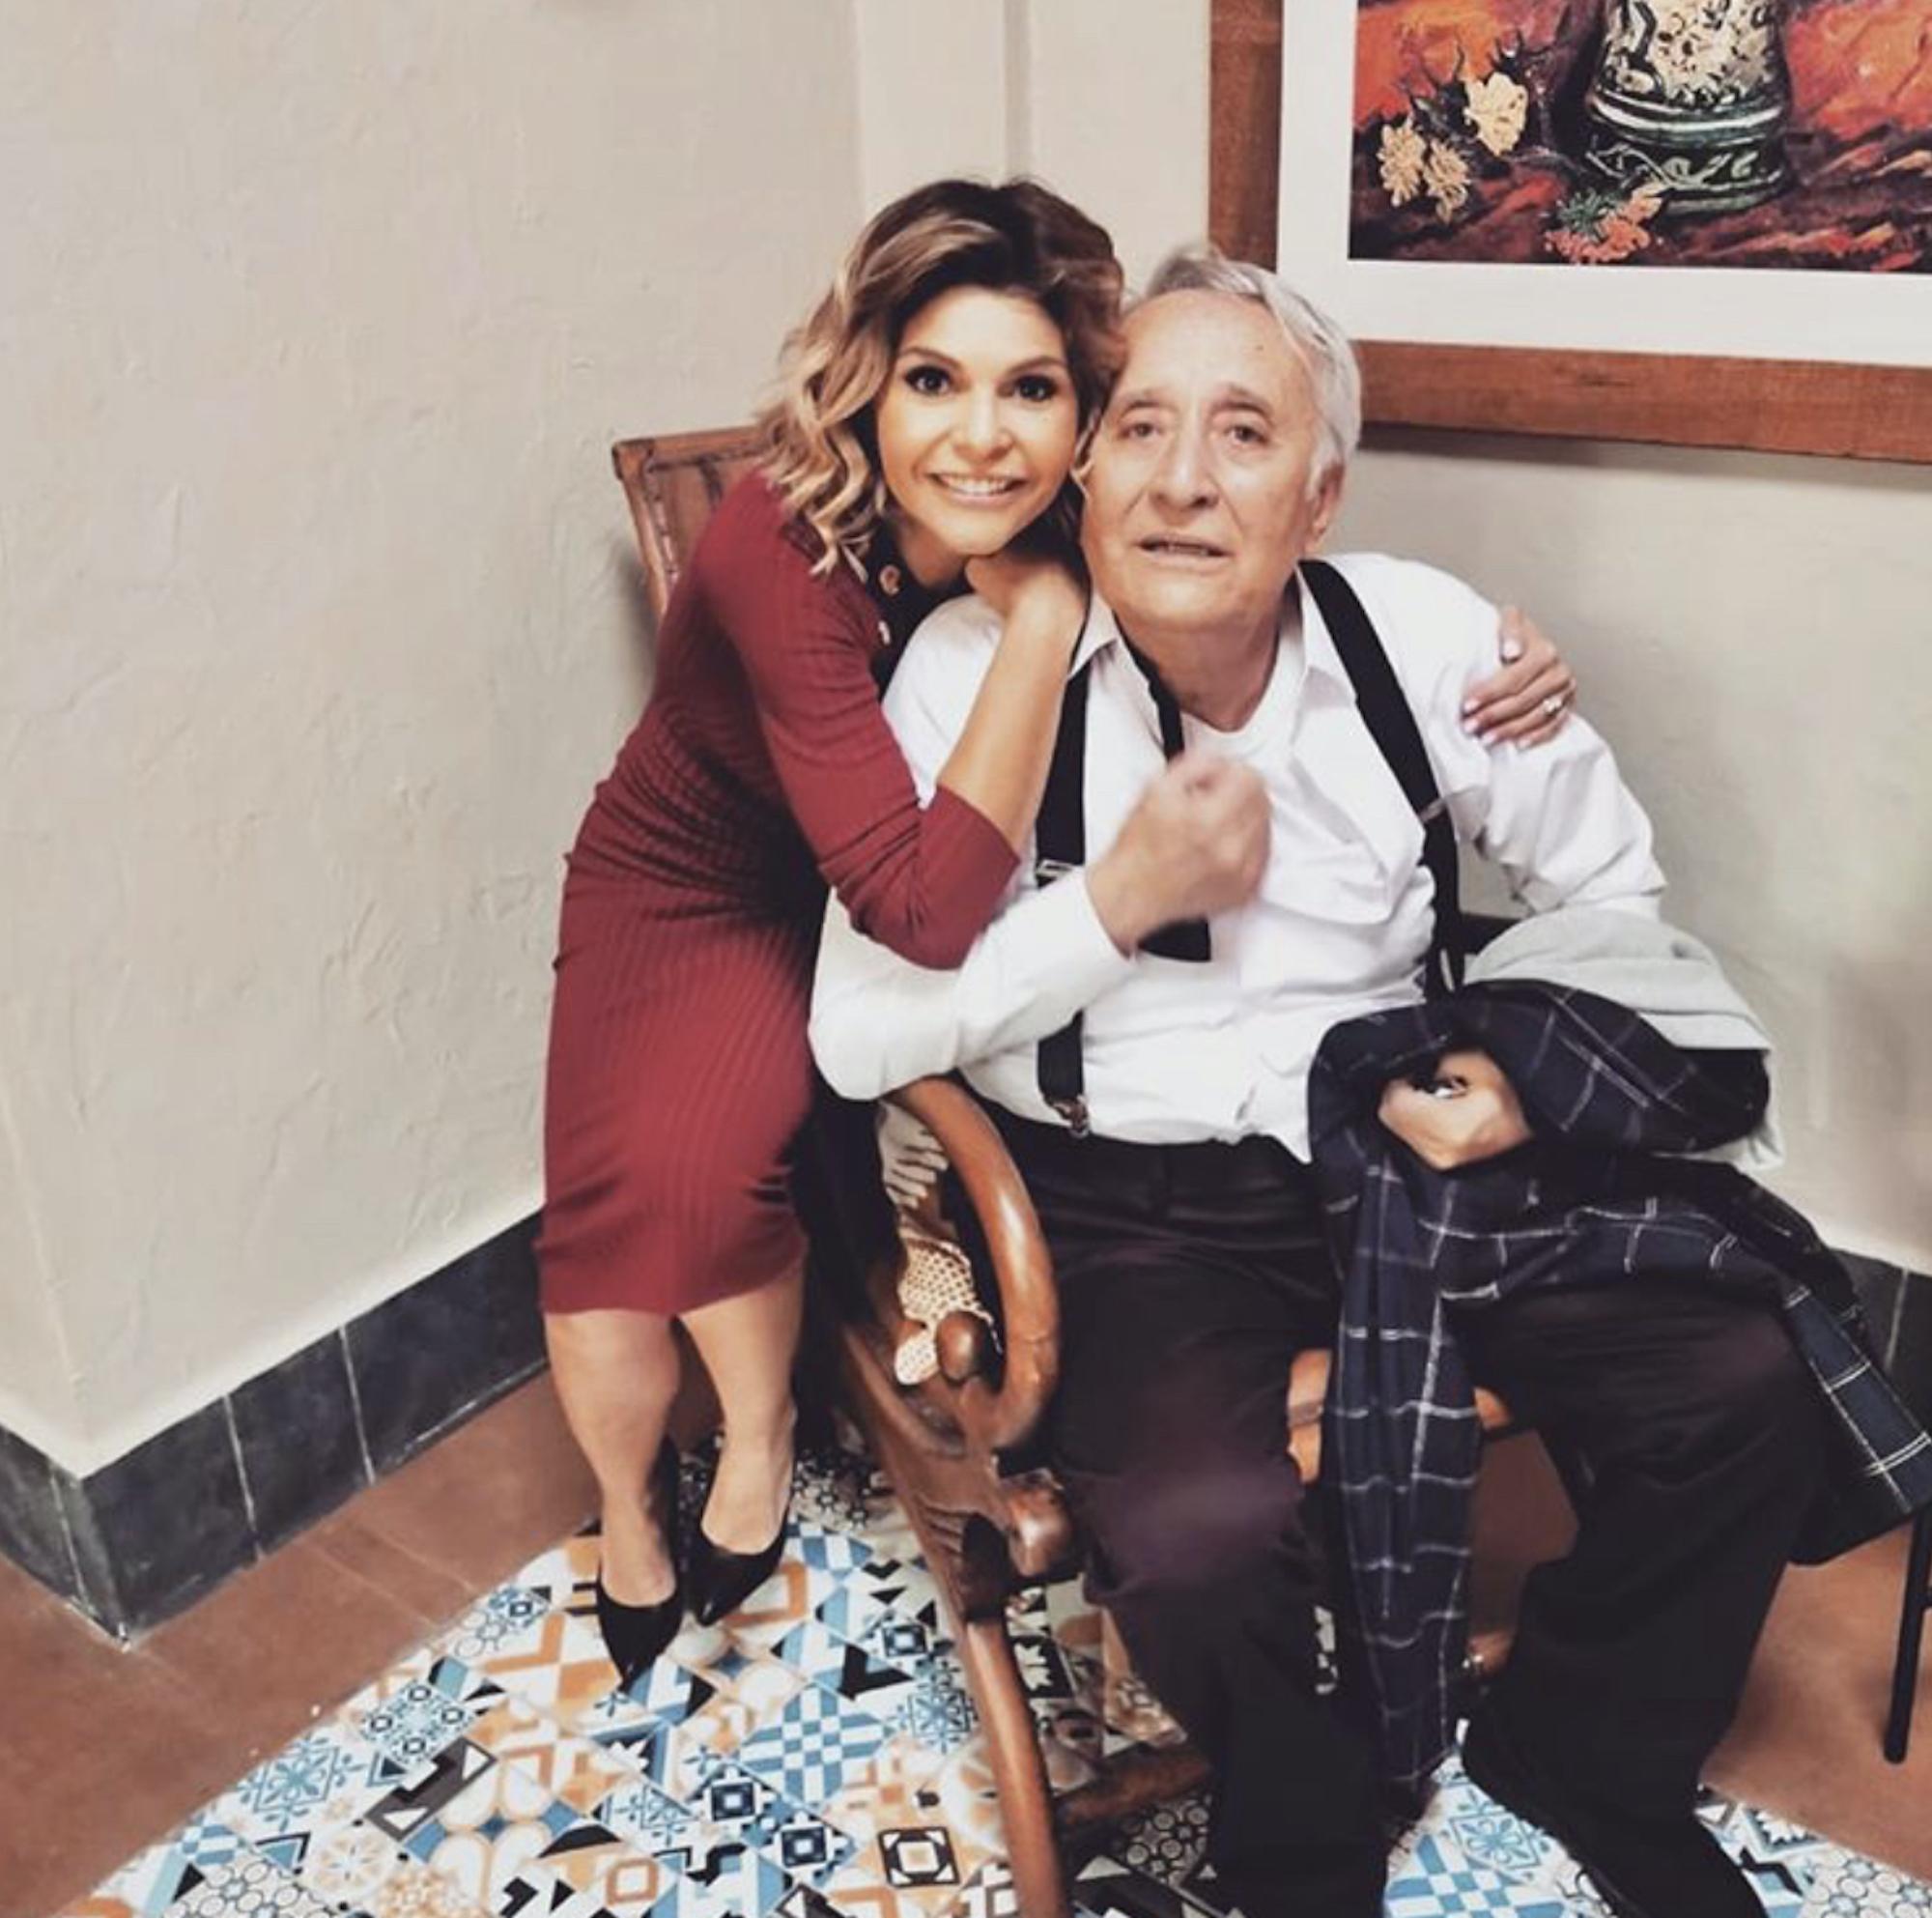 La mexicana y el guero